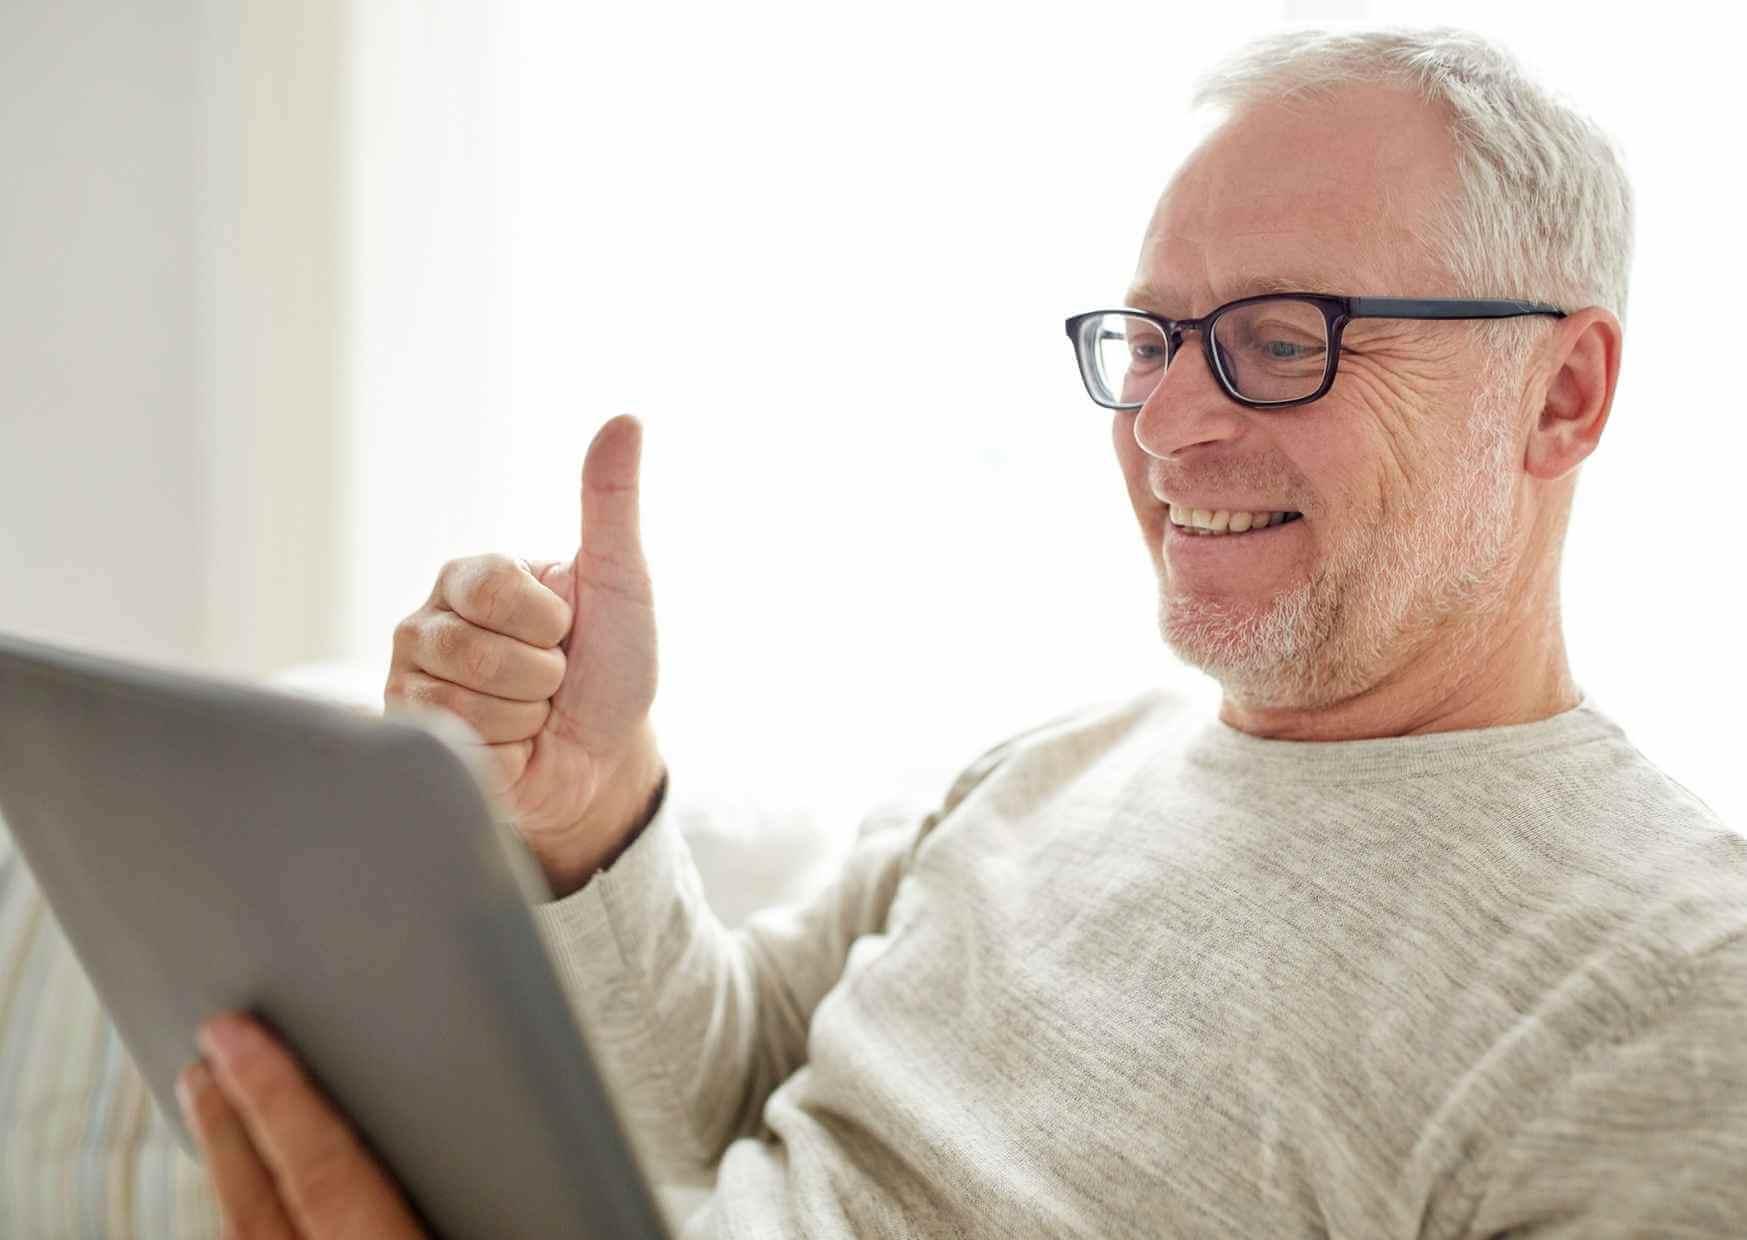 Die Online-Sprechstunde ist für mobil eingeschränkte Menschen eine echte Chance.